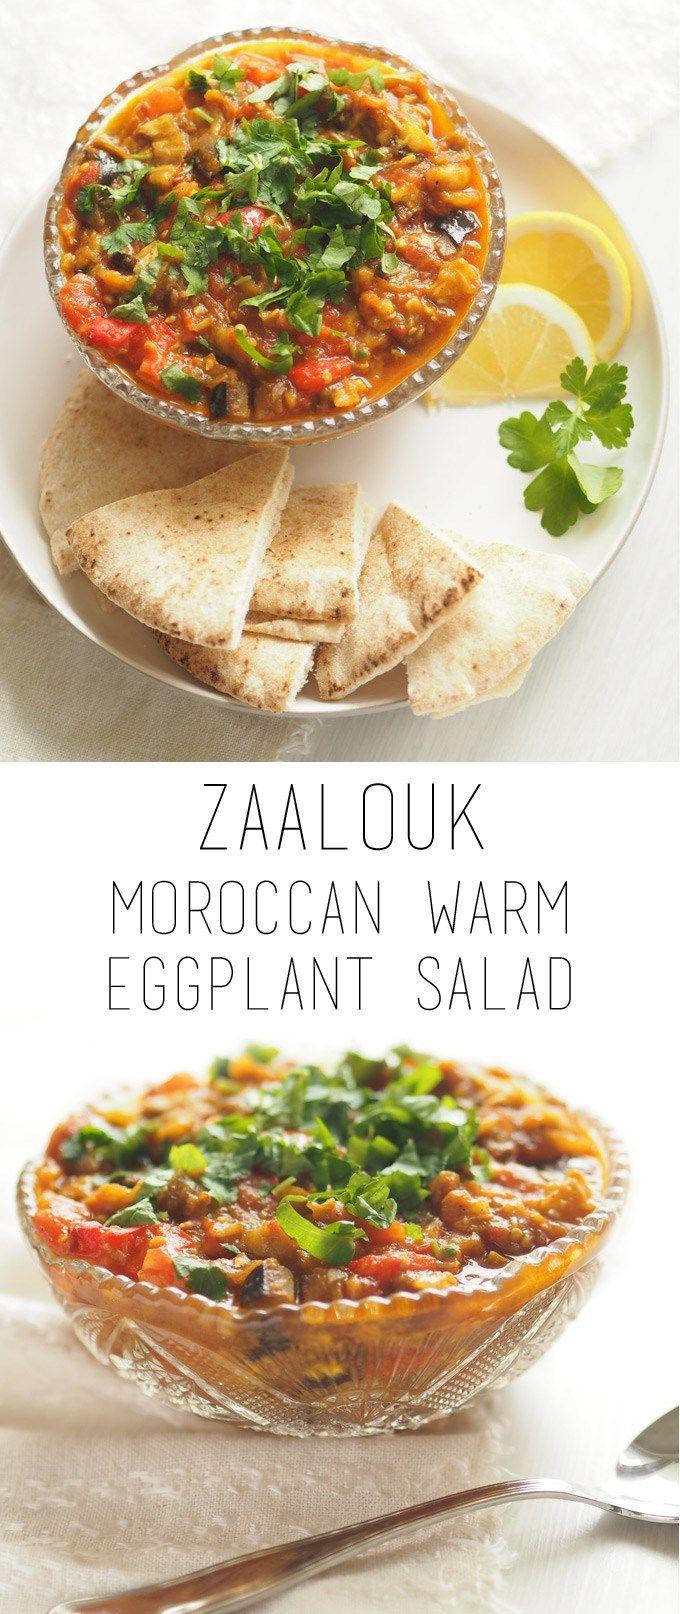 Zaalouk salad - Moroccan warm eggplant salad (vegan, gf). Also delicious as a dip with some pita bread.